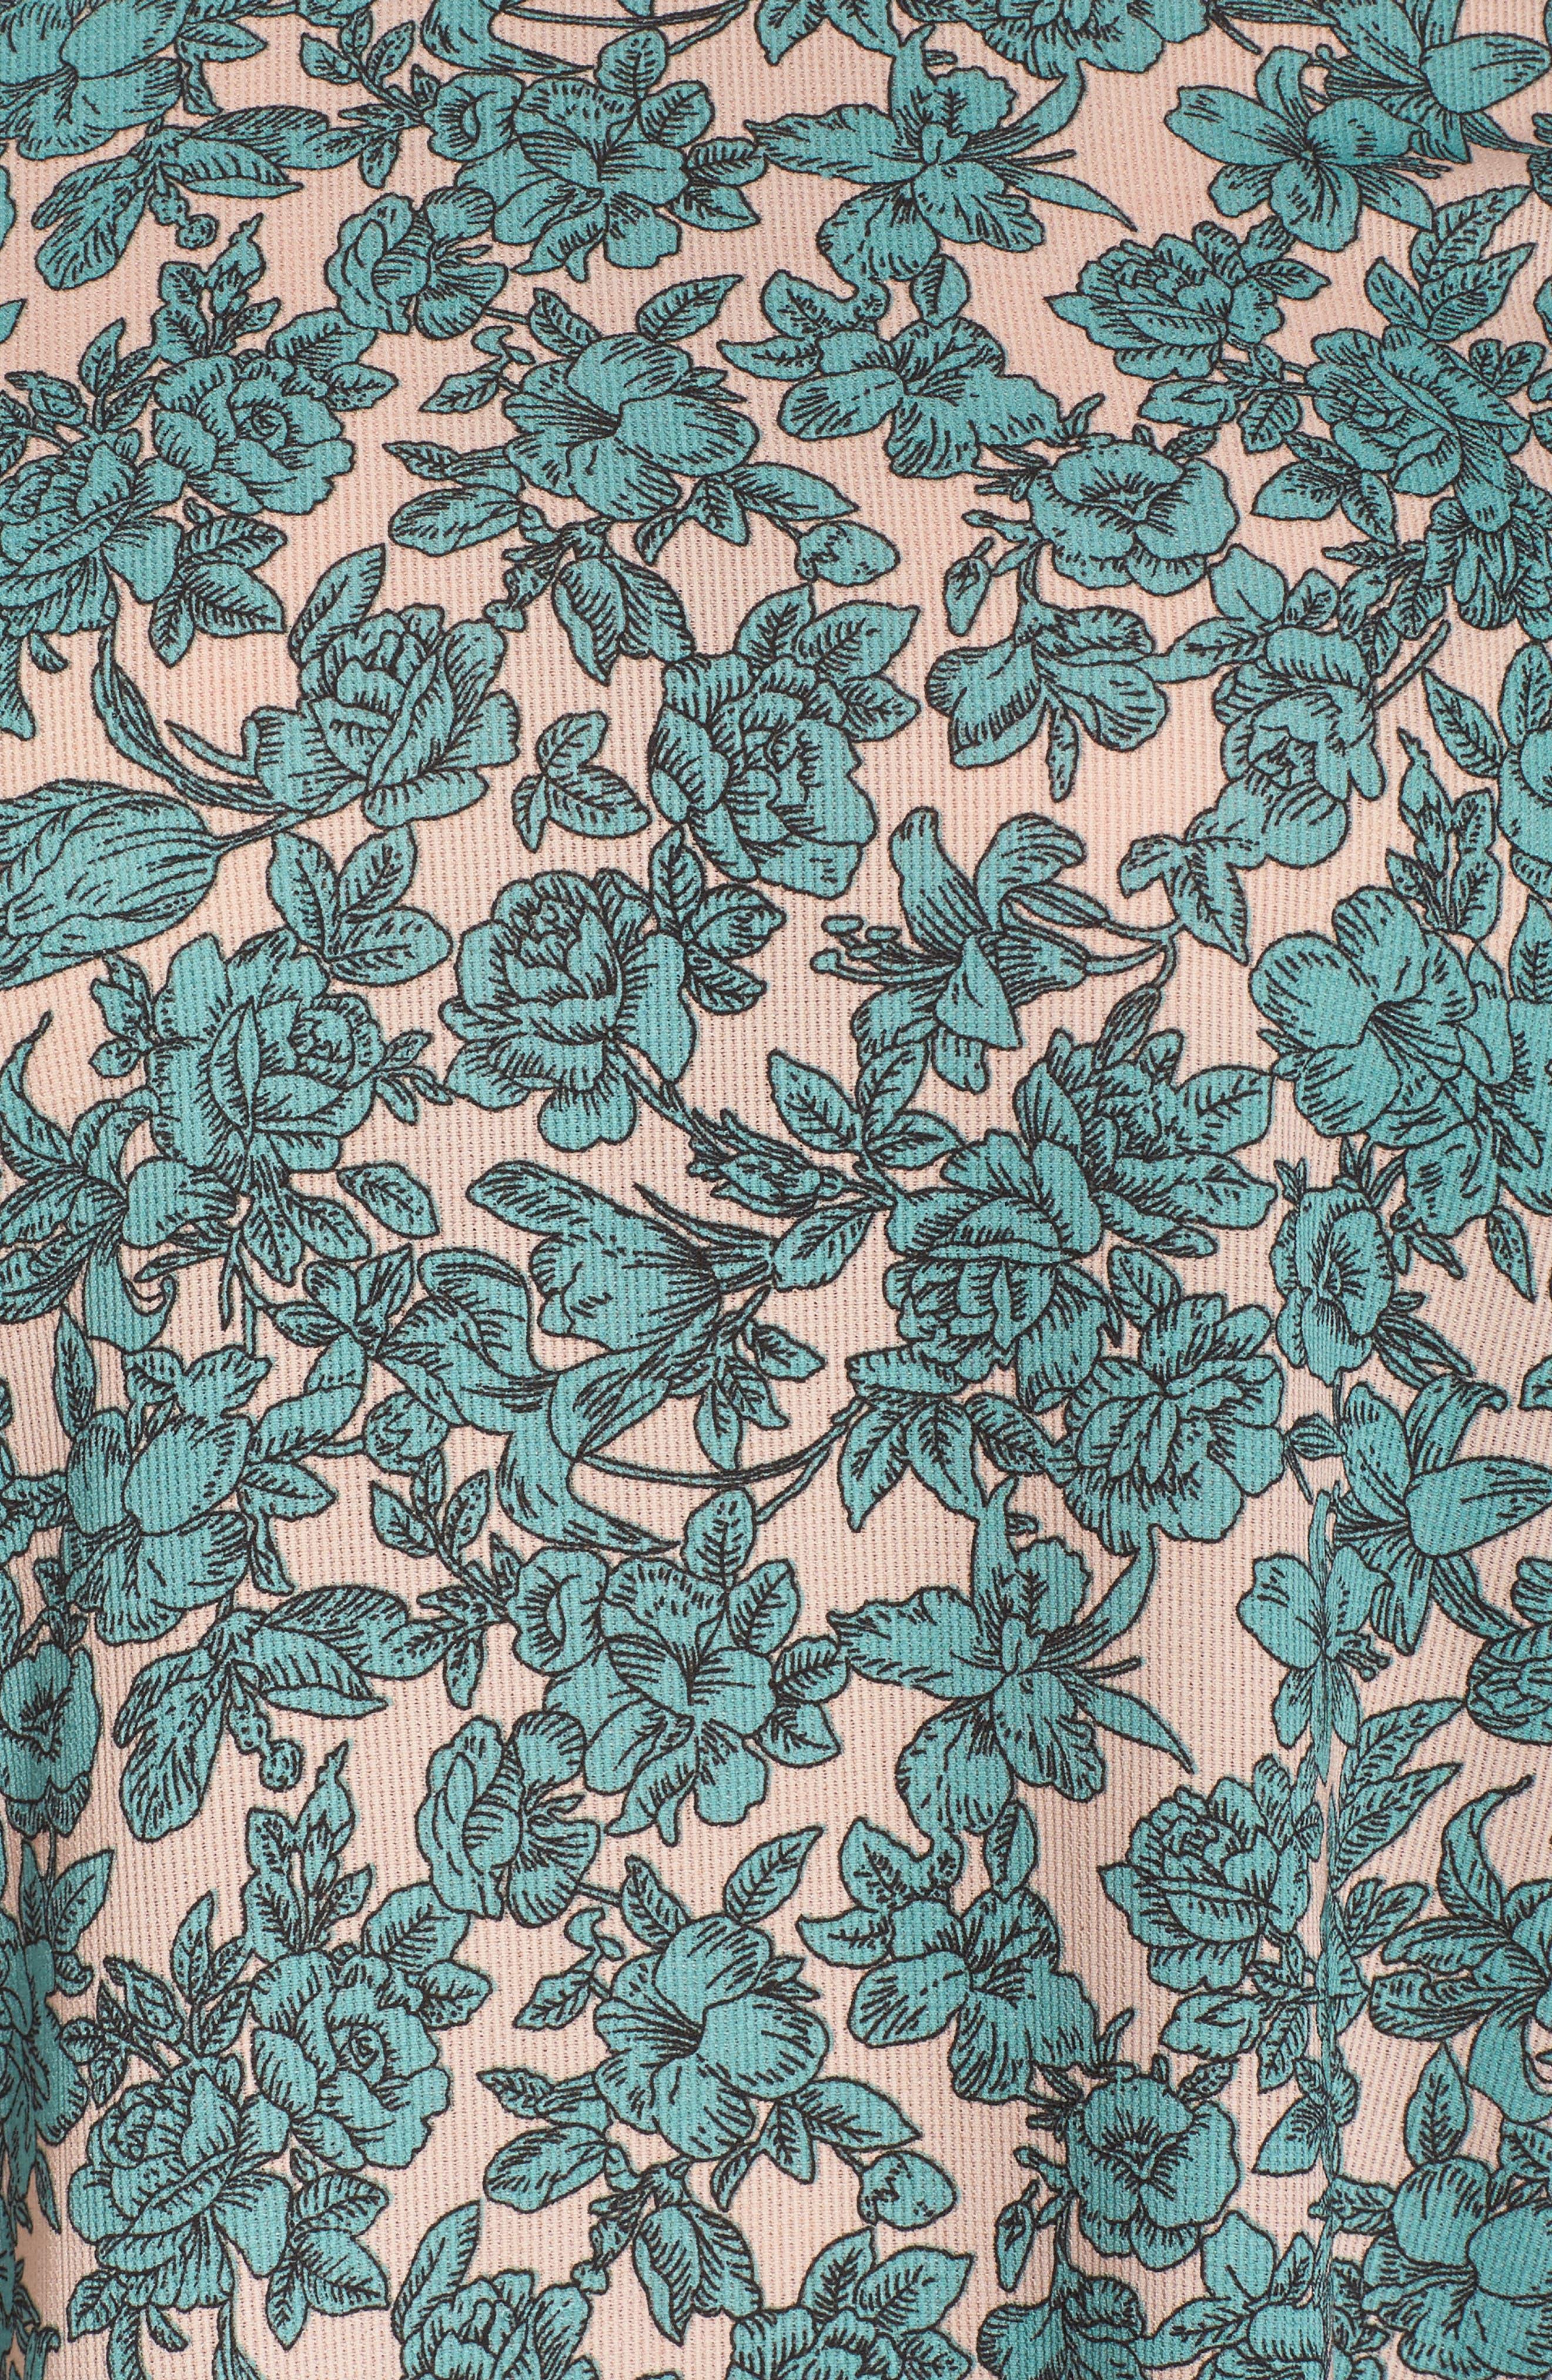 Floral Shift Dress,                             Alternate thumbnail 5, color,                             Sage Green Floral